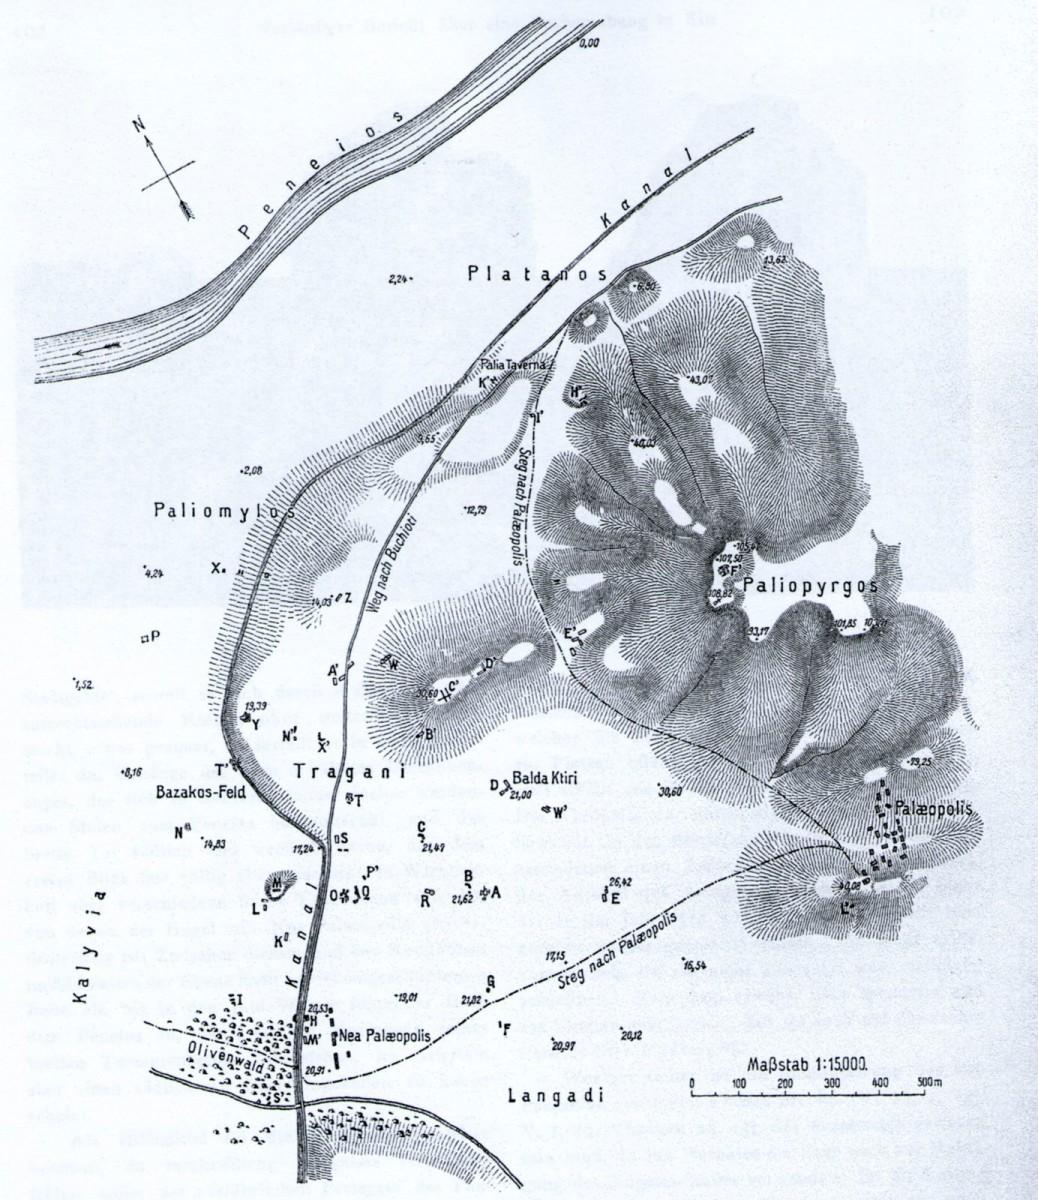 Εικ. 2. Τοπογραφικό του χώρου της Ήλιδος, με σημειωμένες τις ανασκαφικές τομές του Α.Α.Ι., Α. Ορλάνδος 1910 (πηγή: Keil-Premerstein 1911, 99-100, εικ. 54).